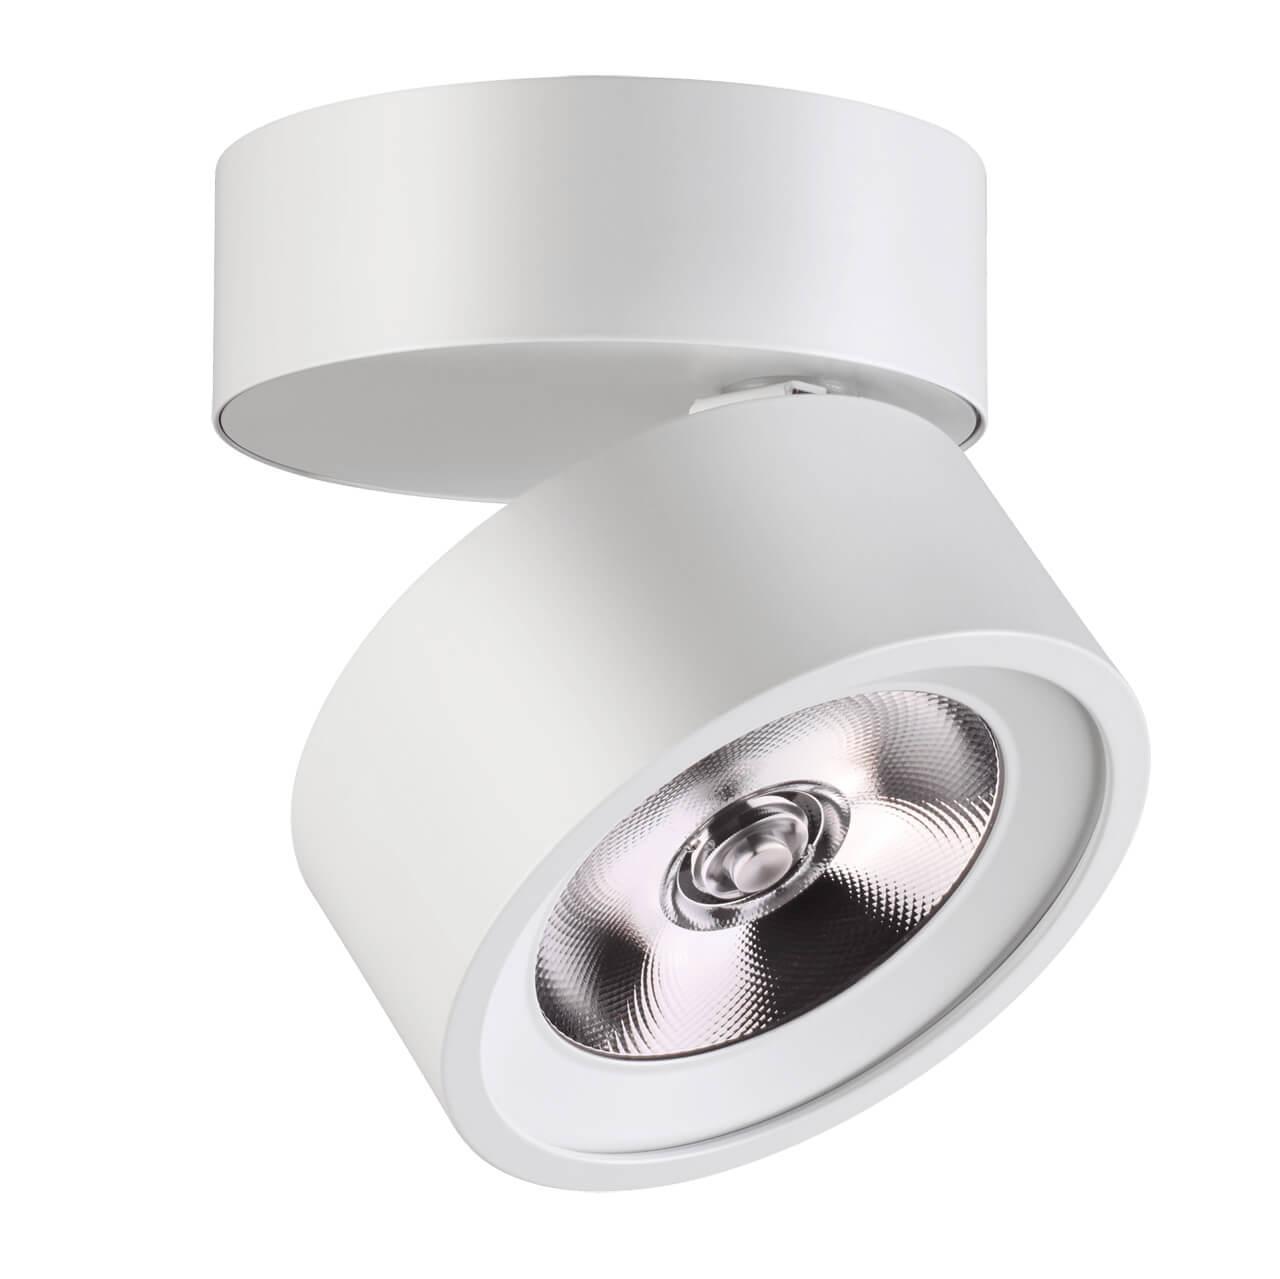 Спот Novotech 357877, LED, 25 Вт